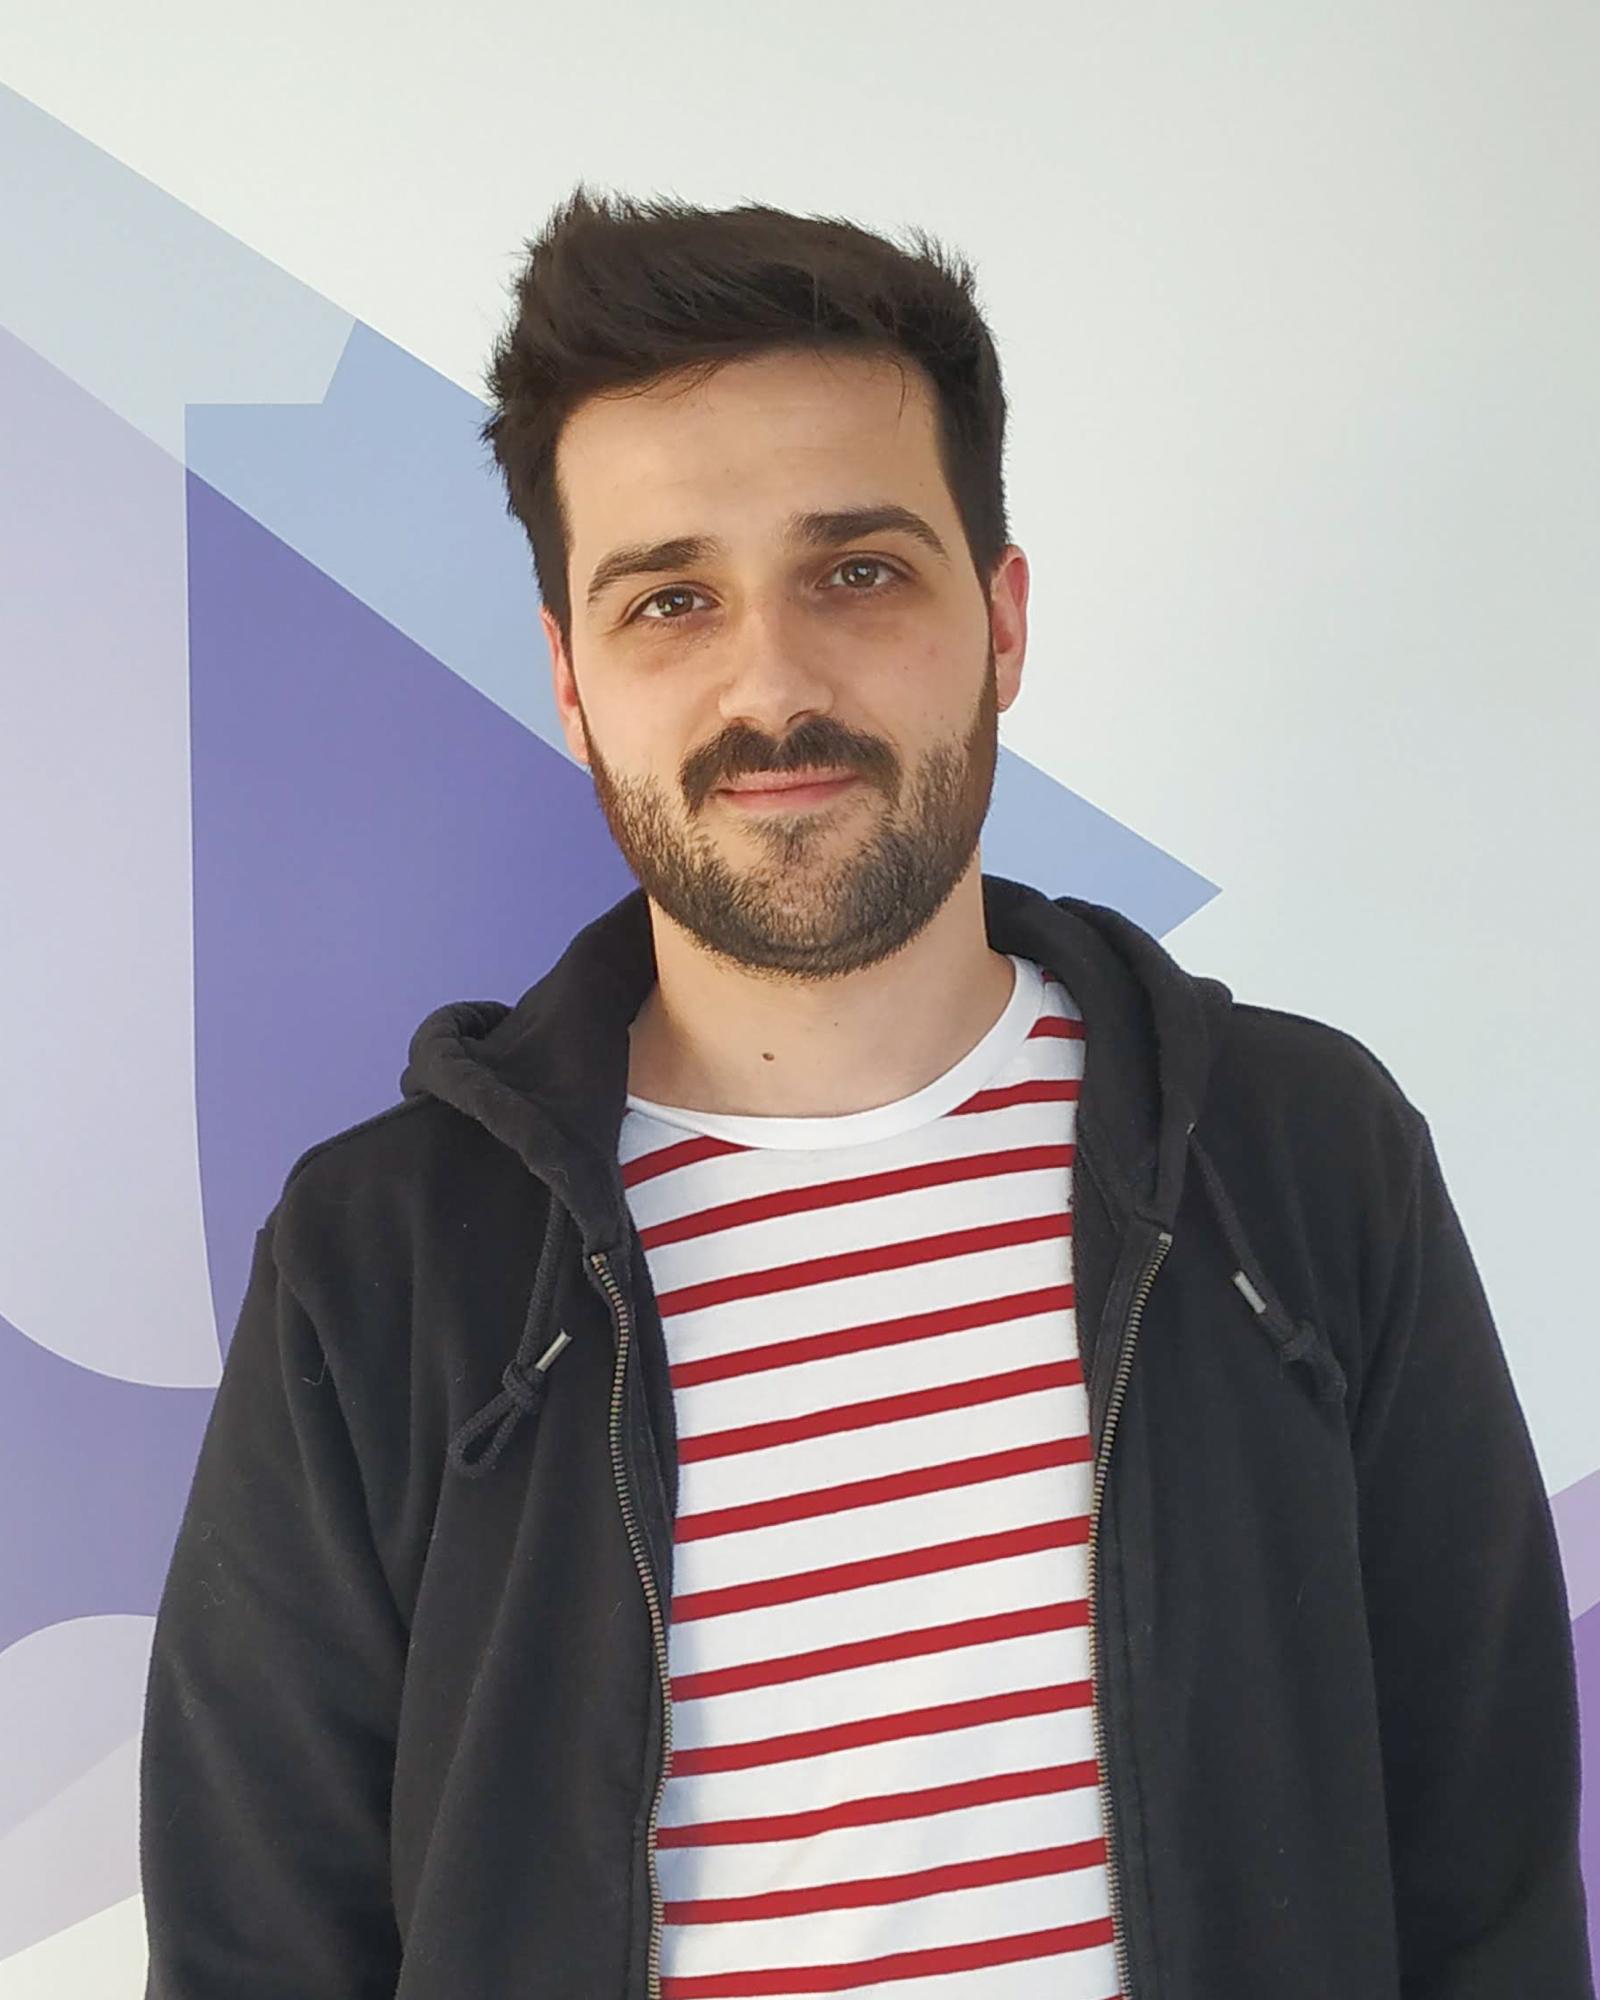 JULIAN CAYERO